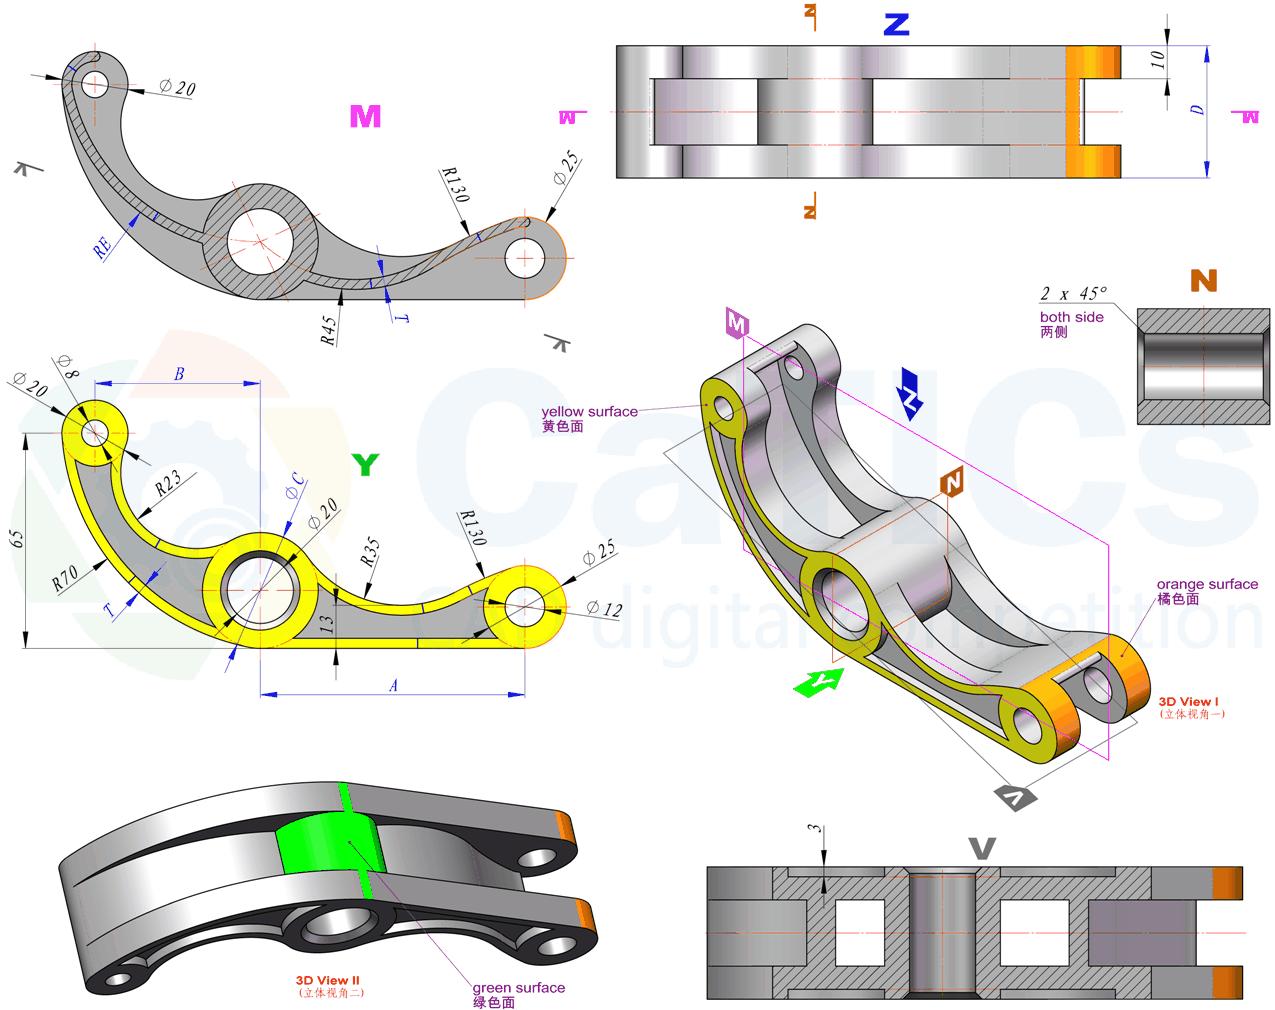 CaTICs竞赛 第13届 3D13-H03 solidworks 3D建模试题 第十三届网络赛